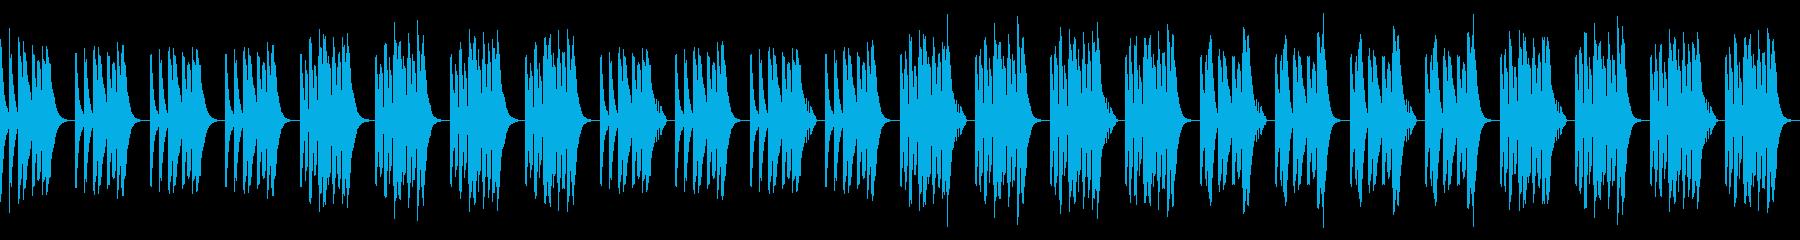 日常・脱力・コミカル・リコーダーの再生済みの波形